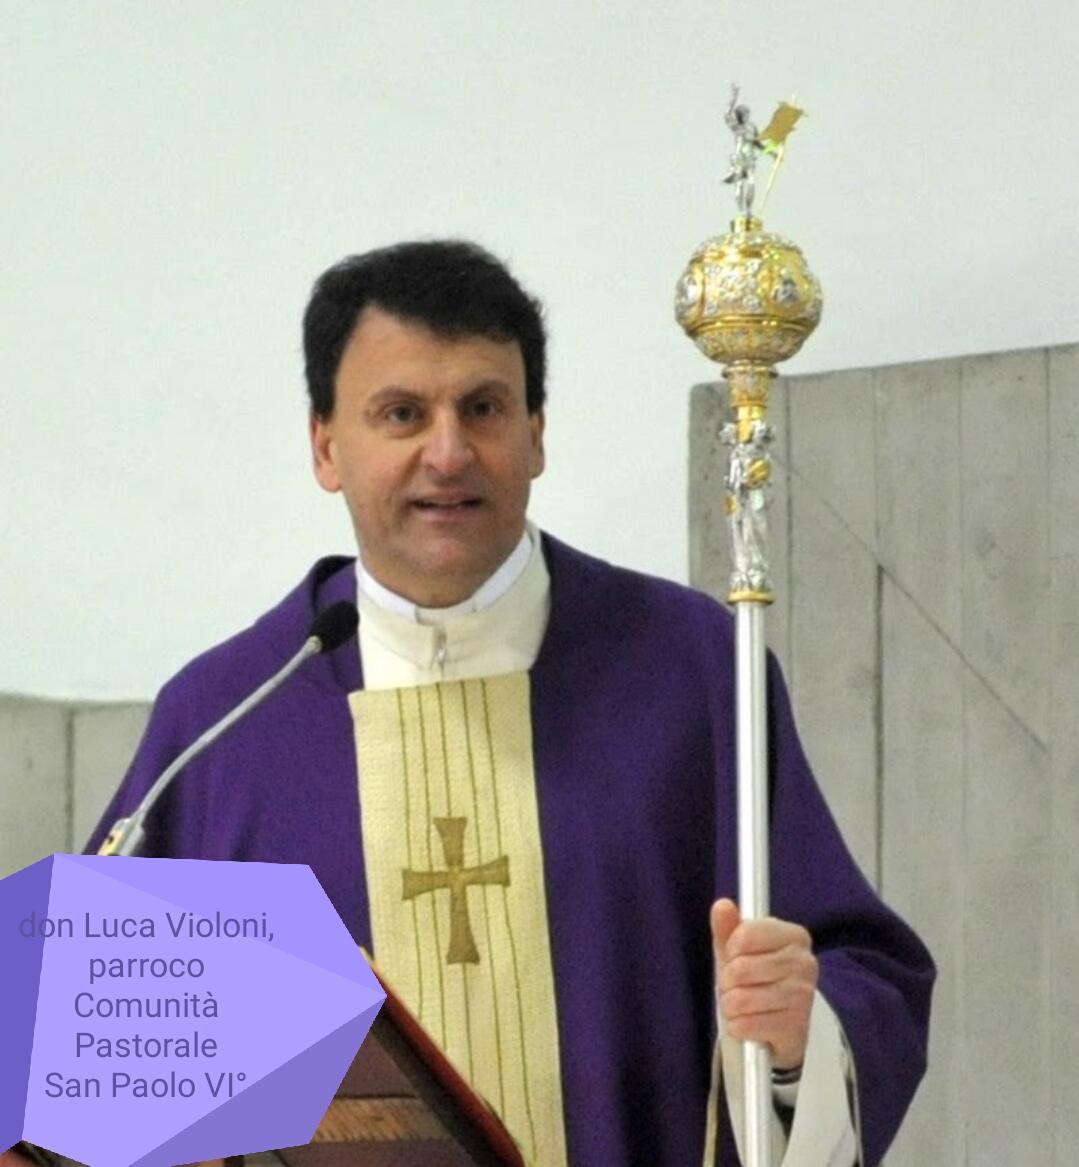 Cambiamenti in atto nelle parrocchie sangiulianesi